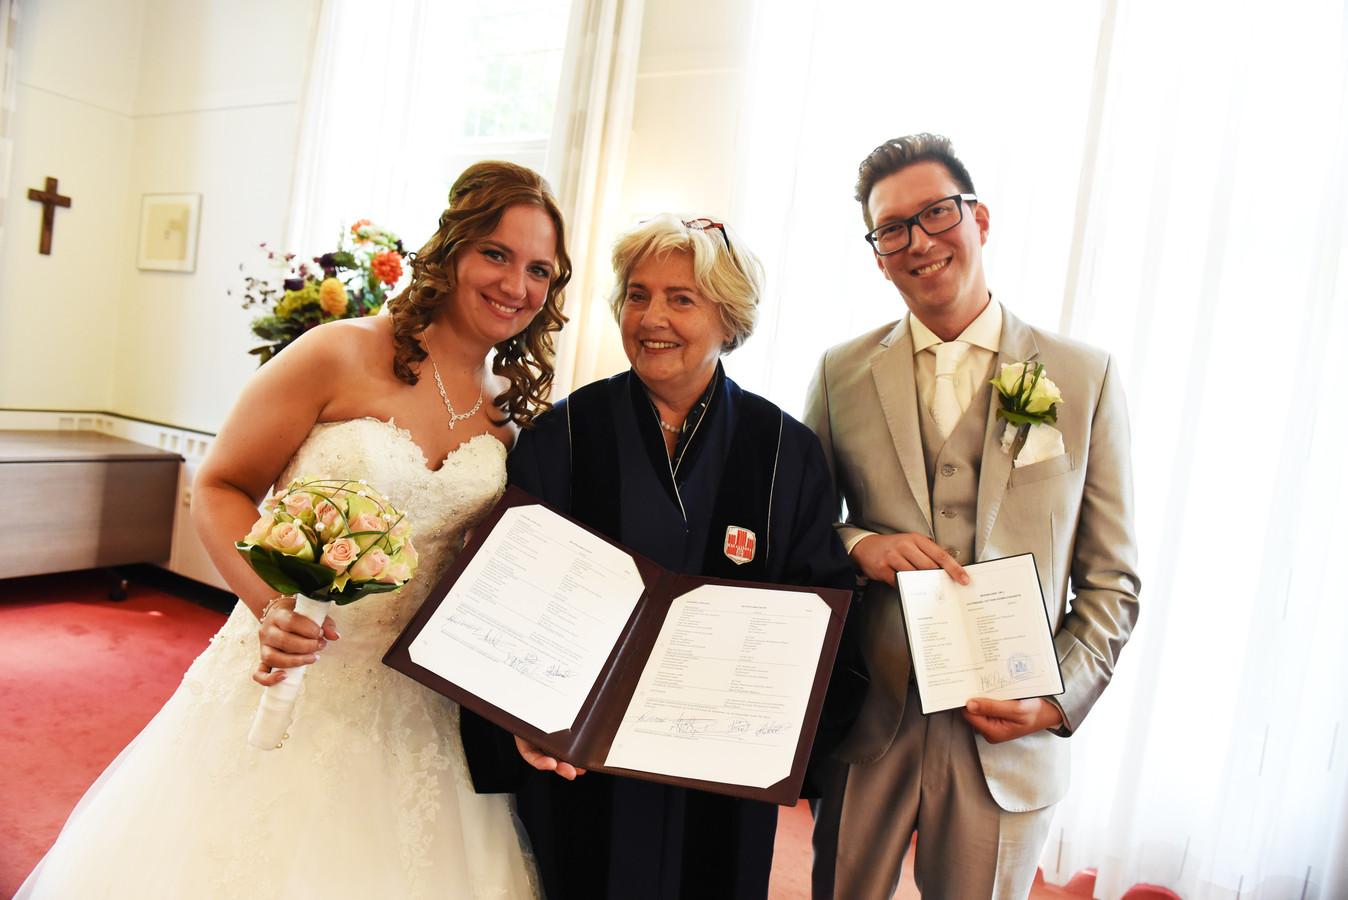 Laurens en Danique van Amelsvoort trouwden op 10 juni 2016